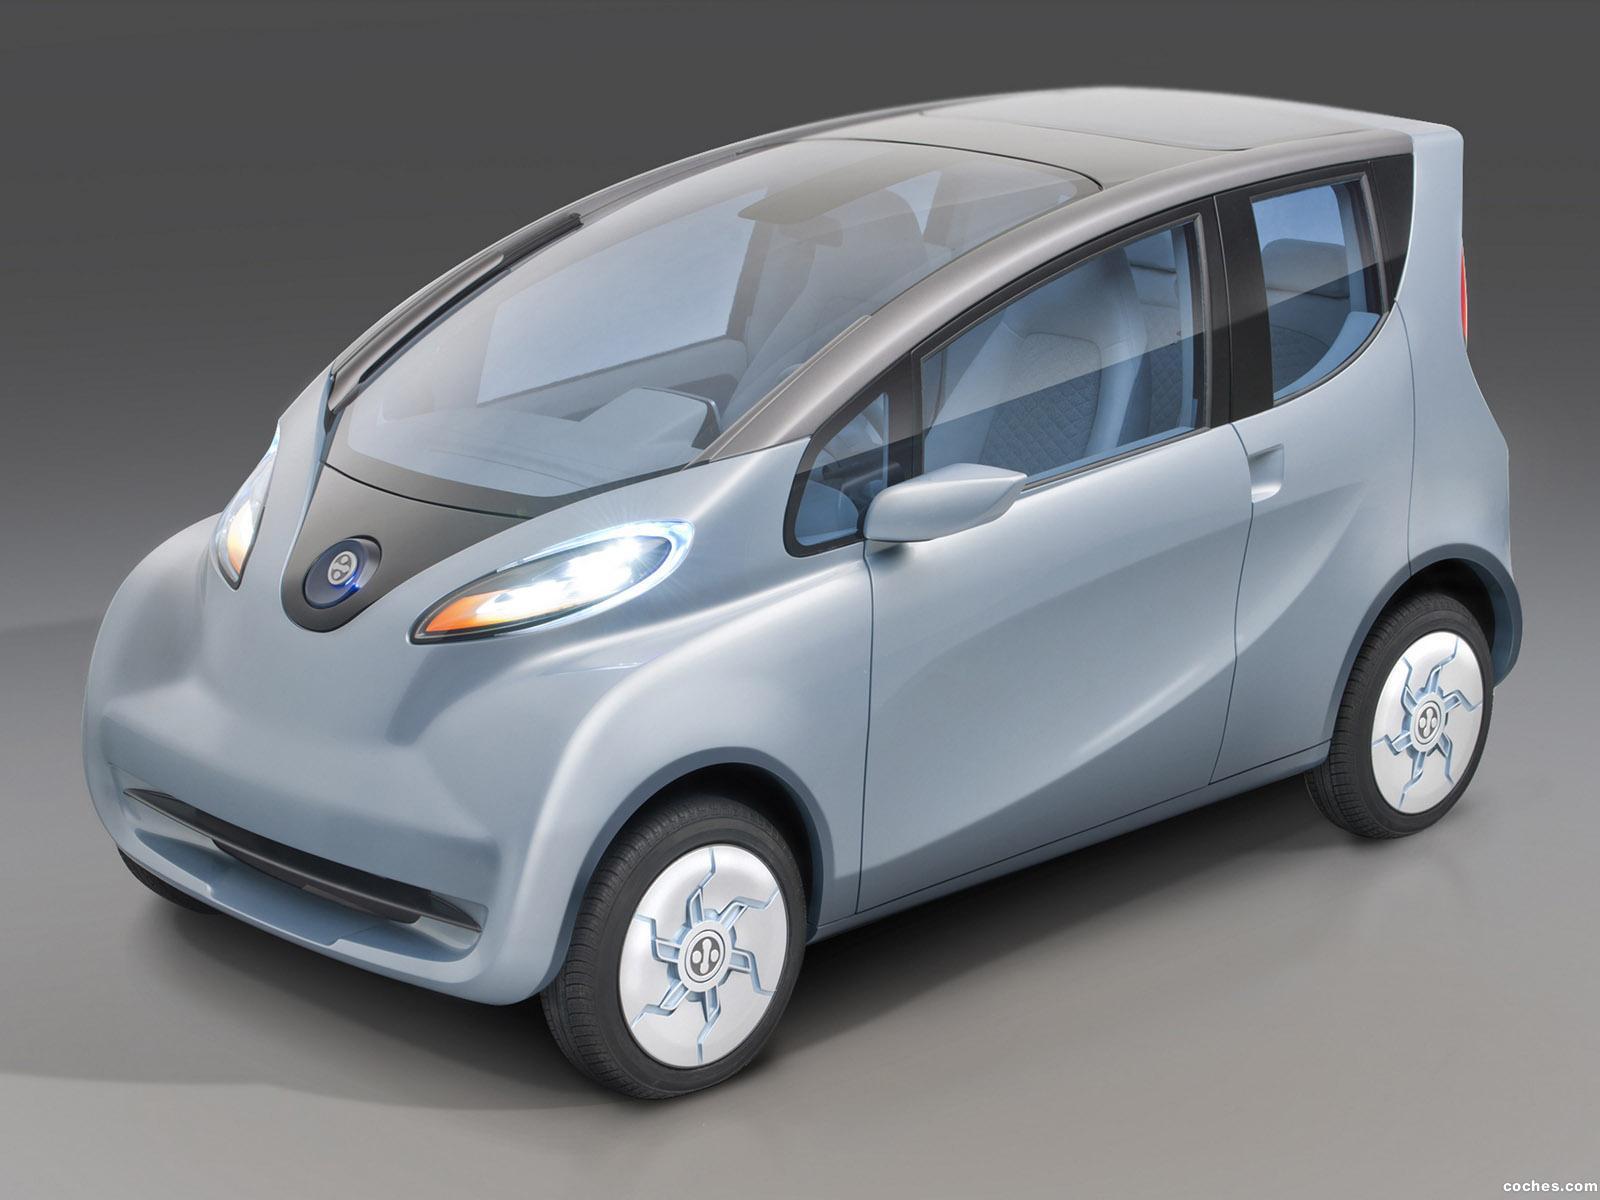 Foto 0 de Tata eMO Concept 2012